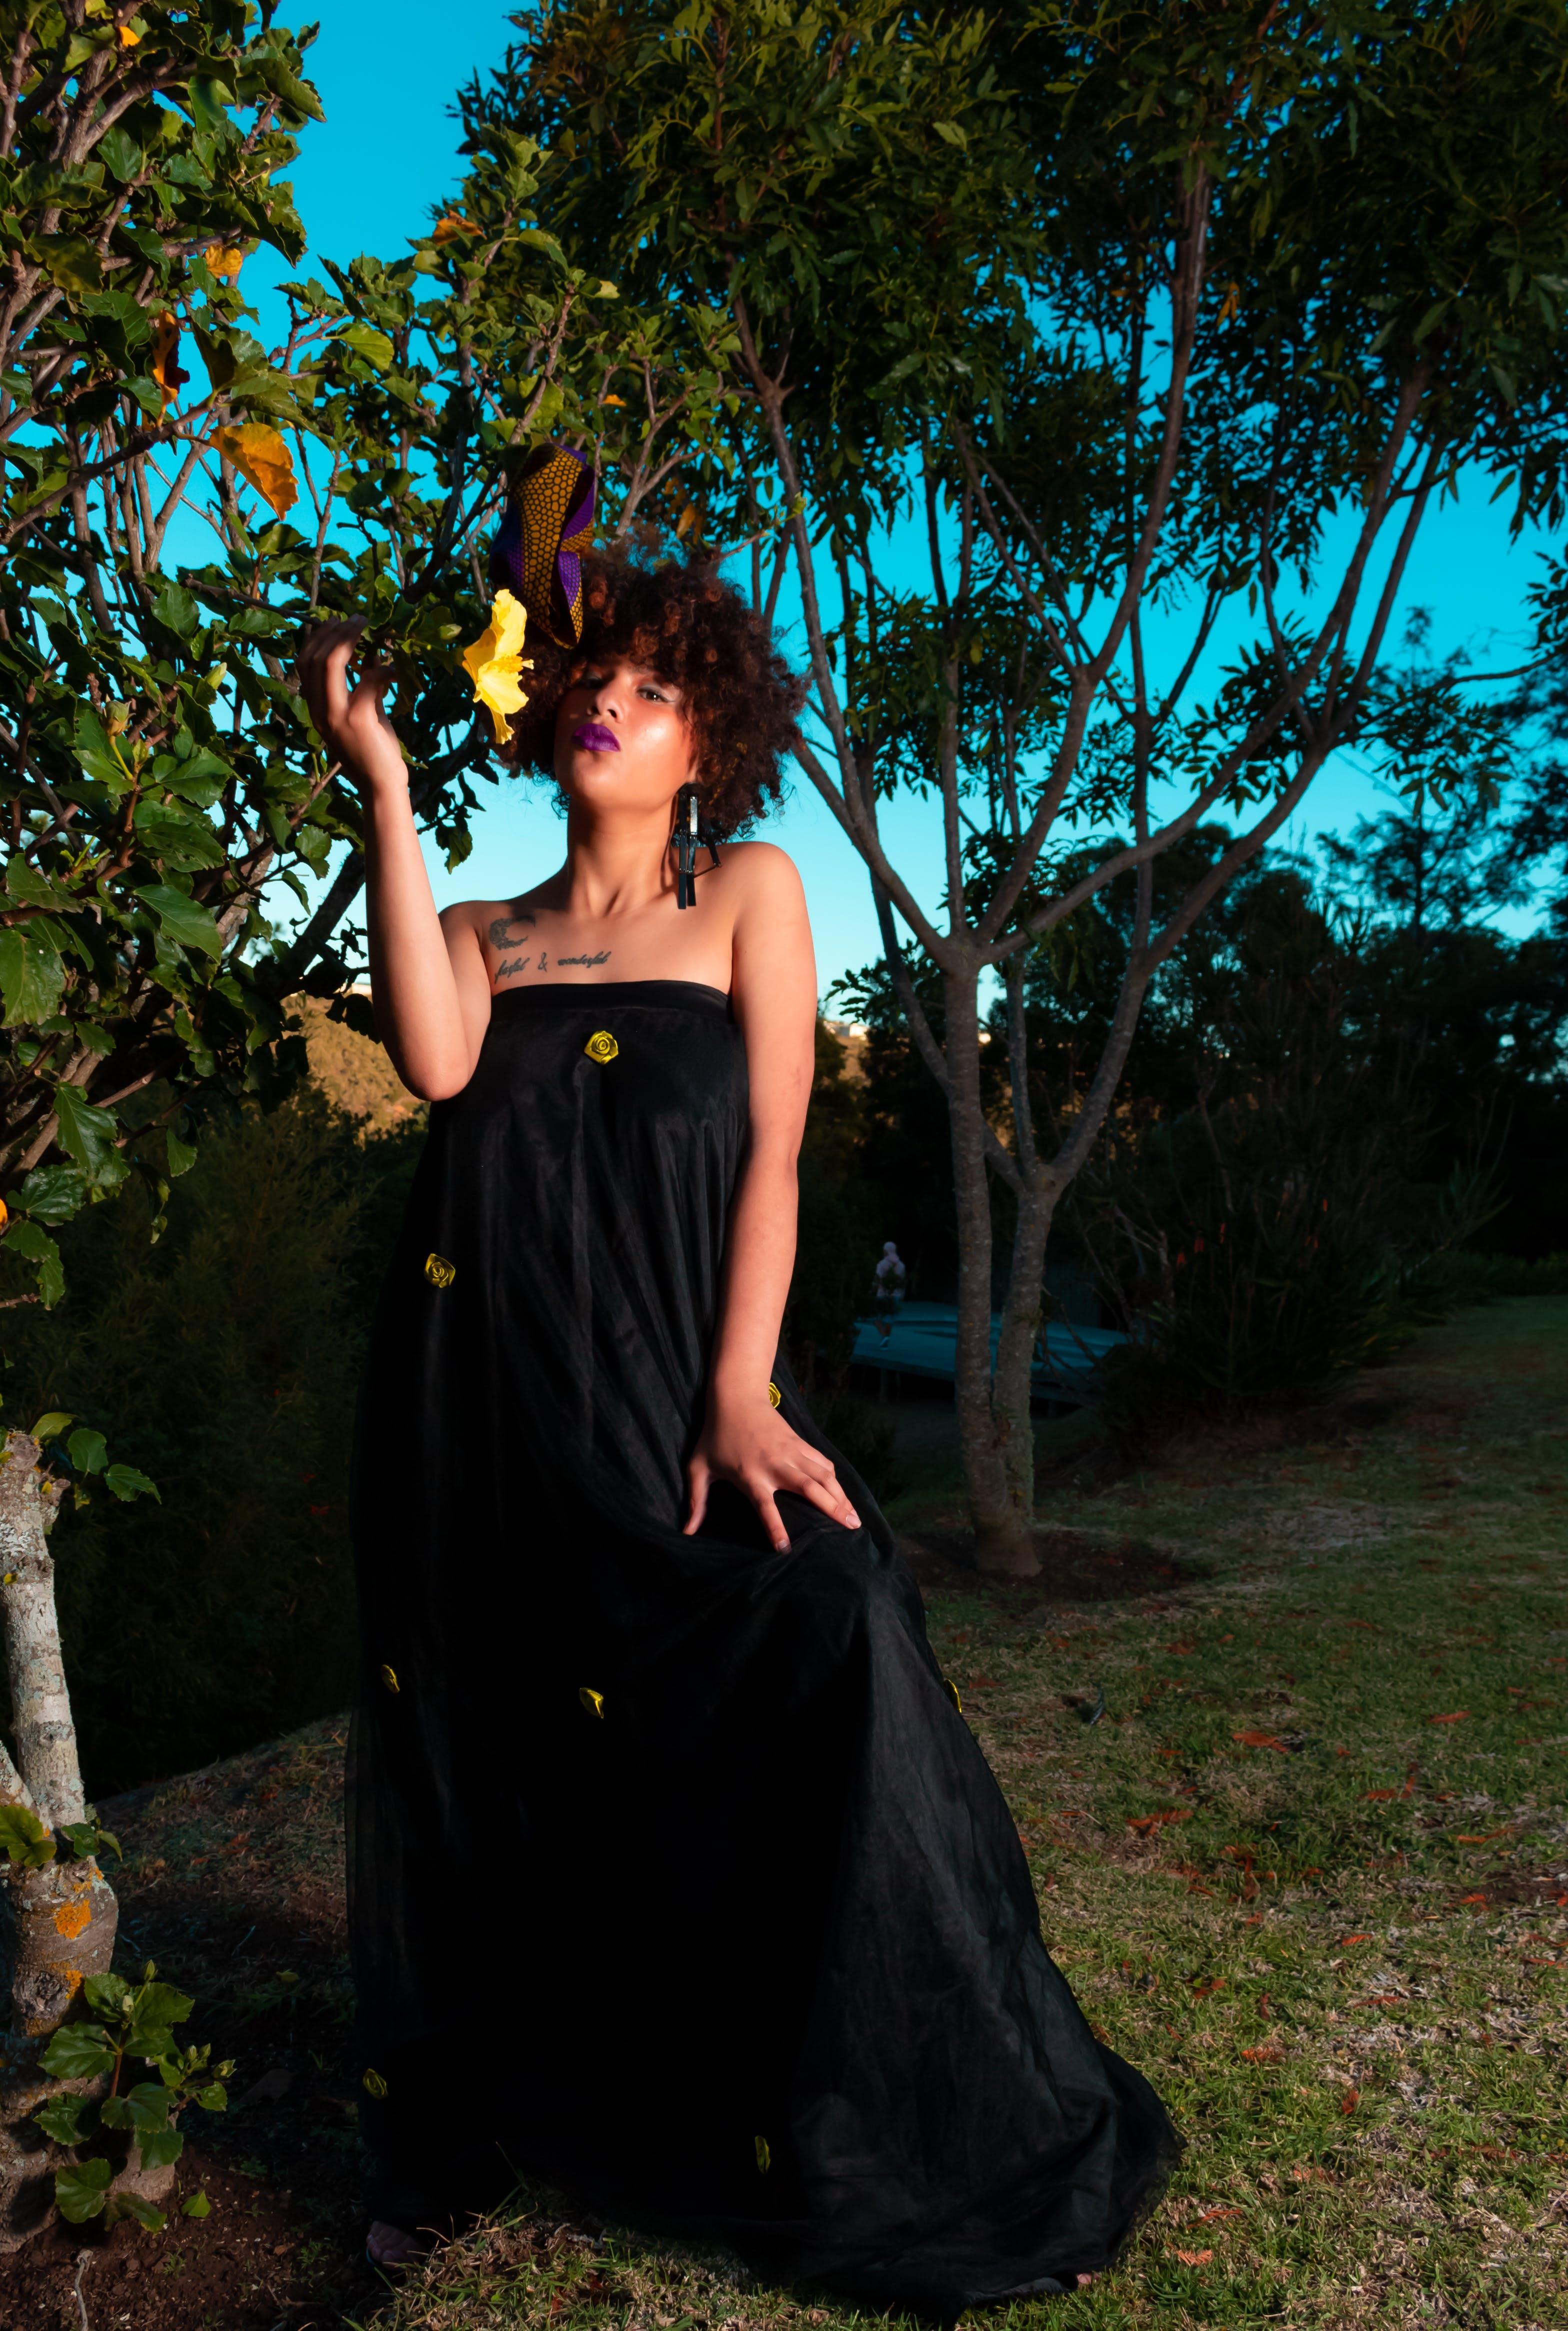 Kostenloses Stock Foto zu bäume, blume, darstellerin, erwachsener